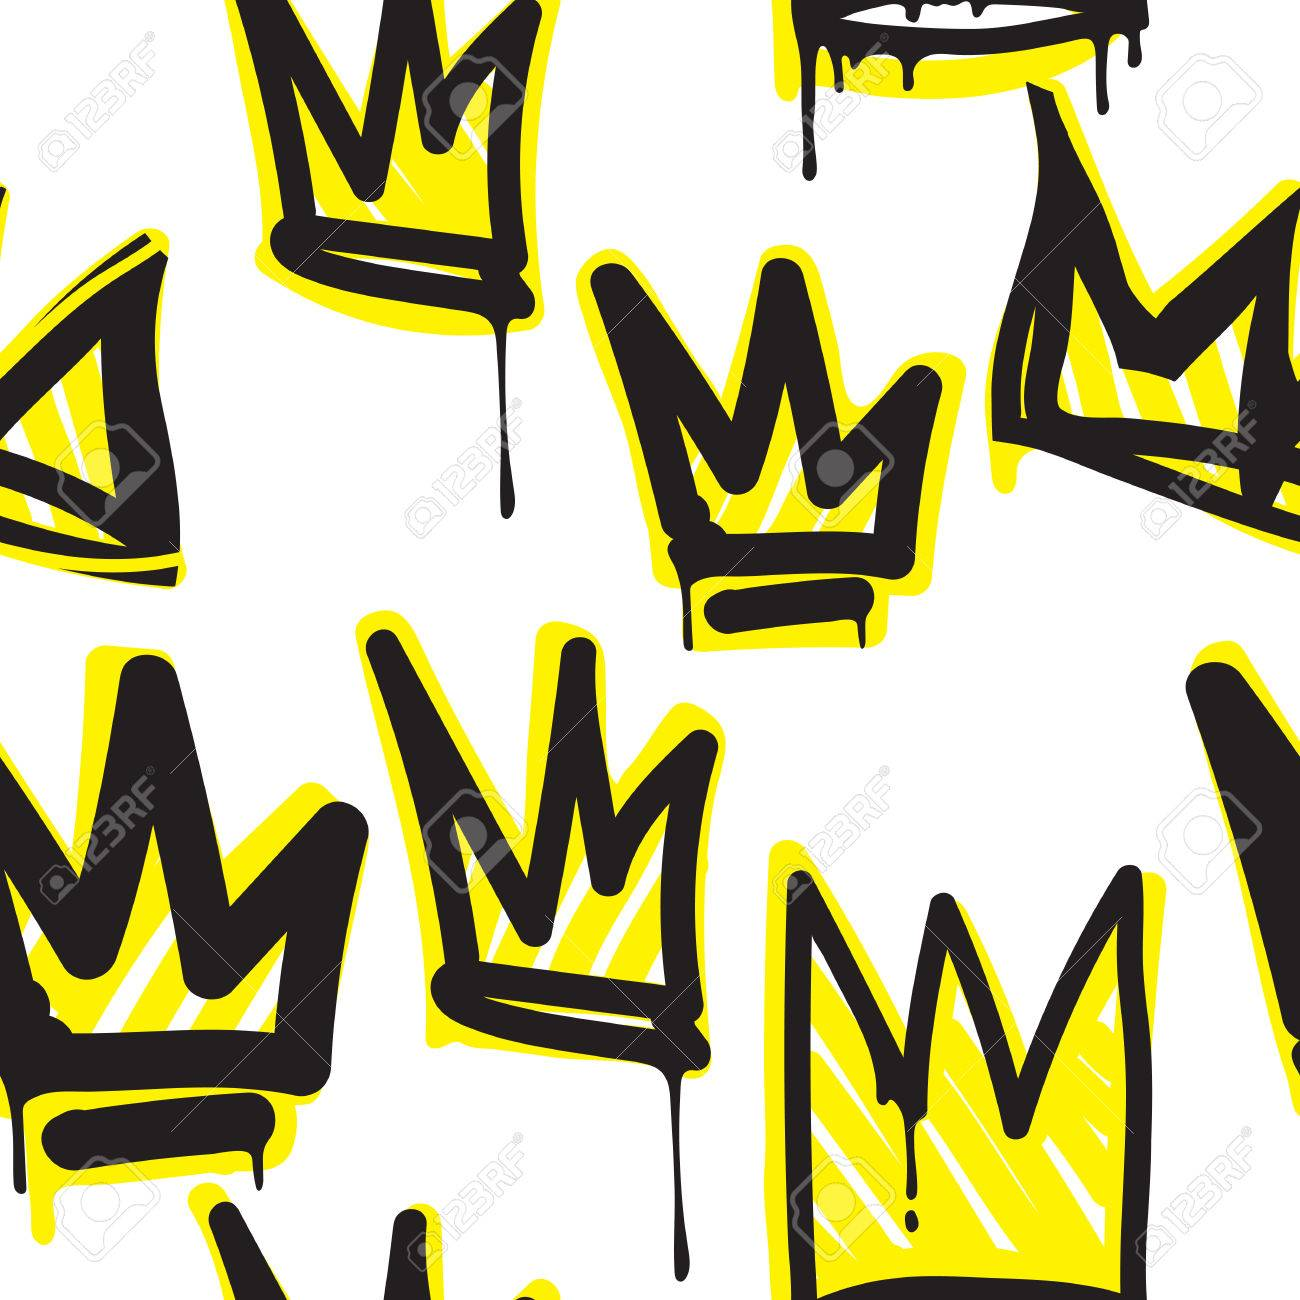 la couronne de la mode la main graffiti dessin dessin texture de conception dans le style de lart de la rue hip hop pour le t shirt le textile de - Dessin Graffiti